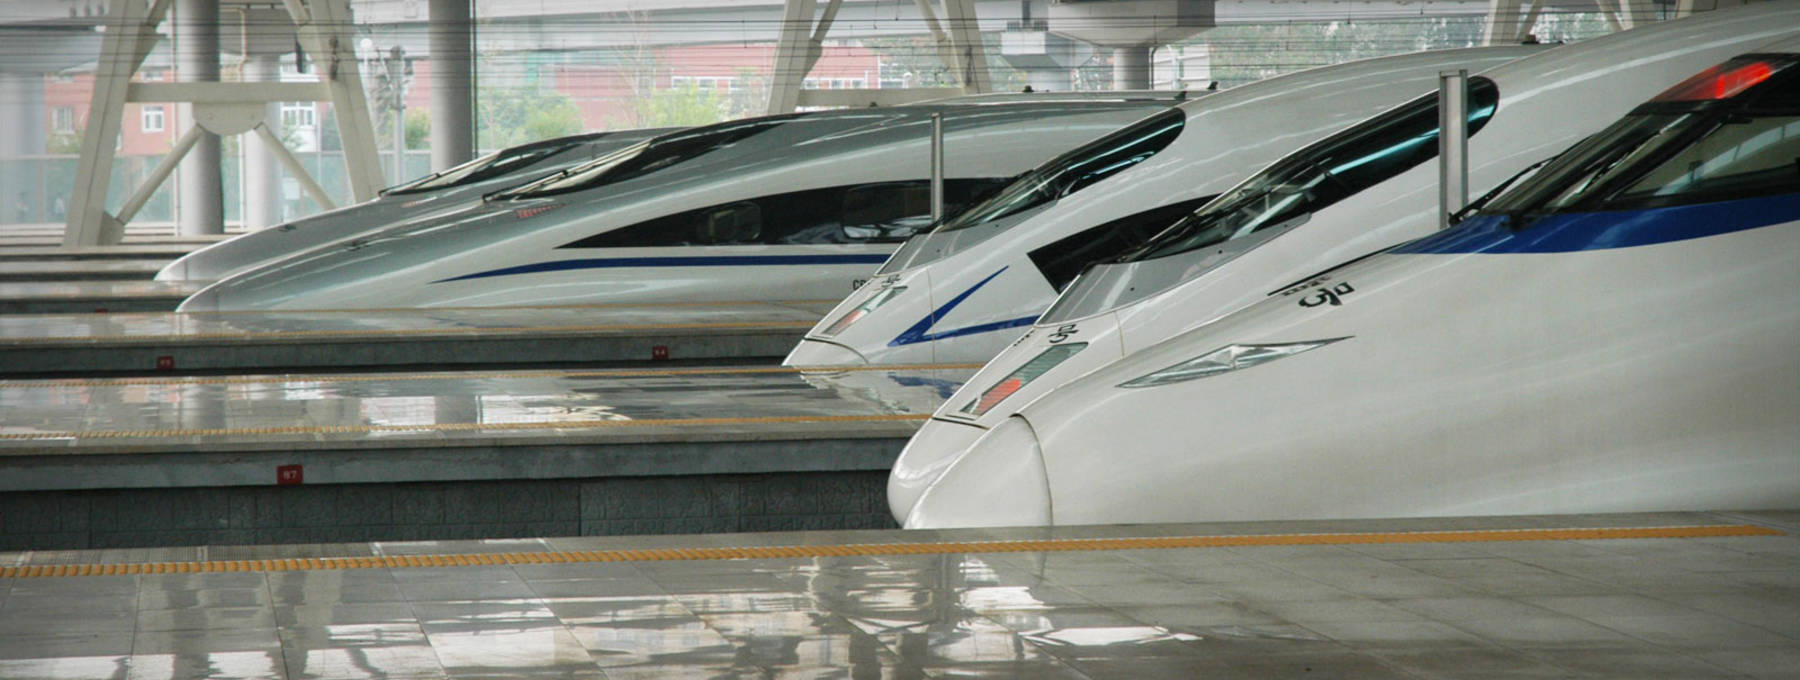 Reisen in China – Was funktioniert am besten